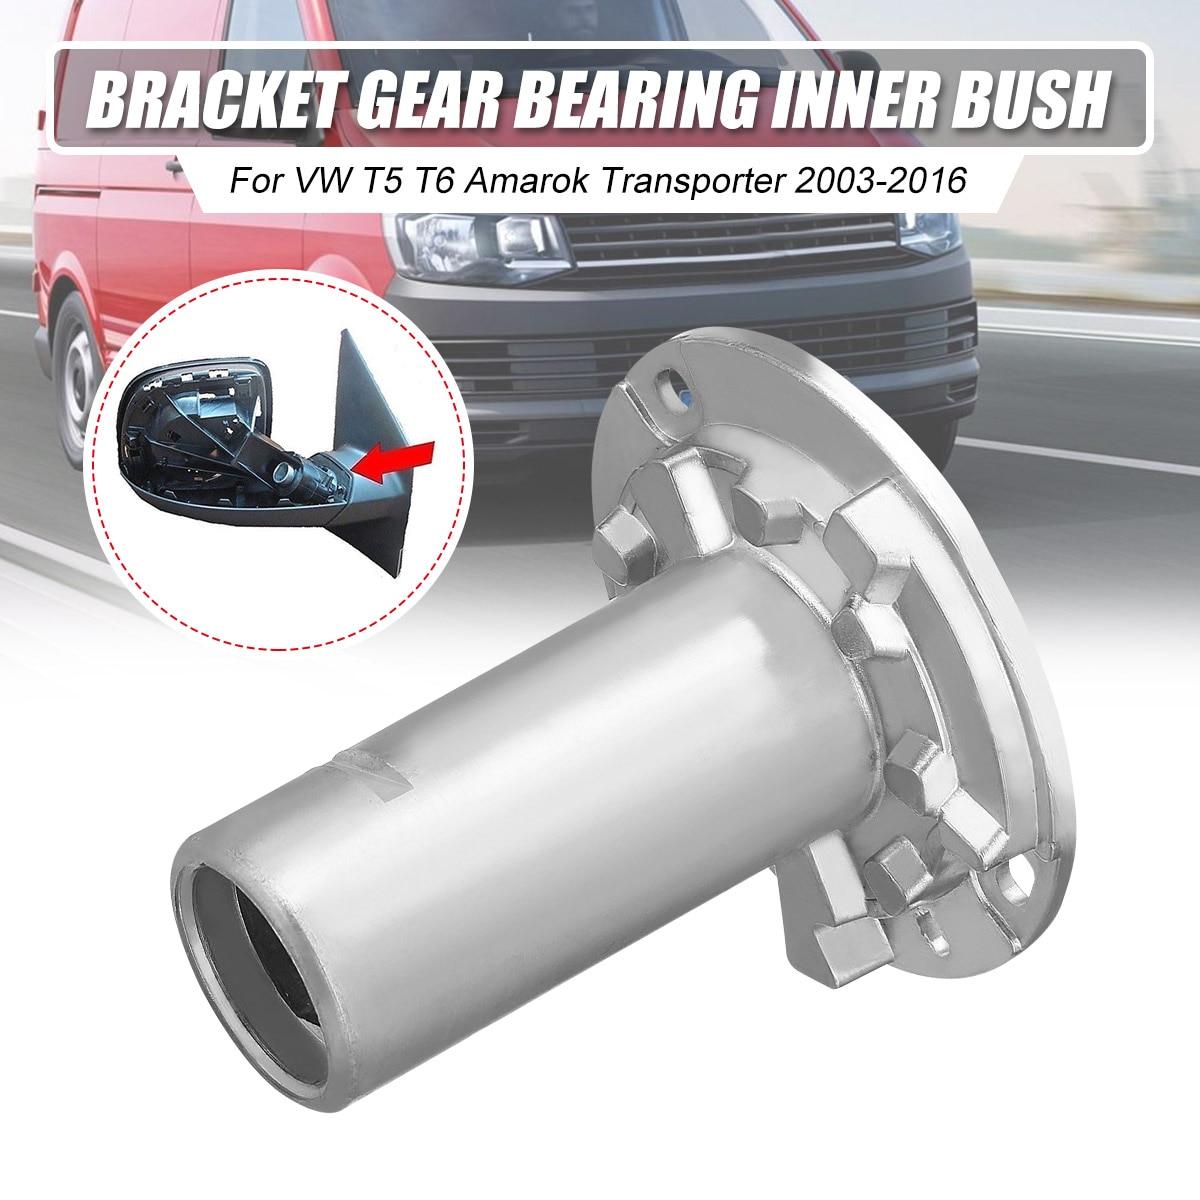 De Metal L/R coche ala espejo retrovisor soporte de cojinete interior Bush apto para VW T5 T6 Amarok de transporte 2003-2016